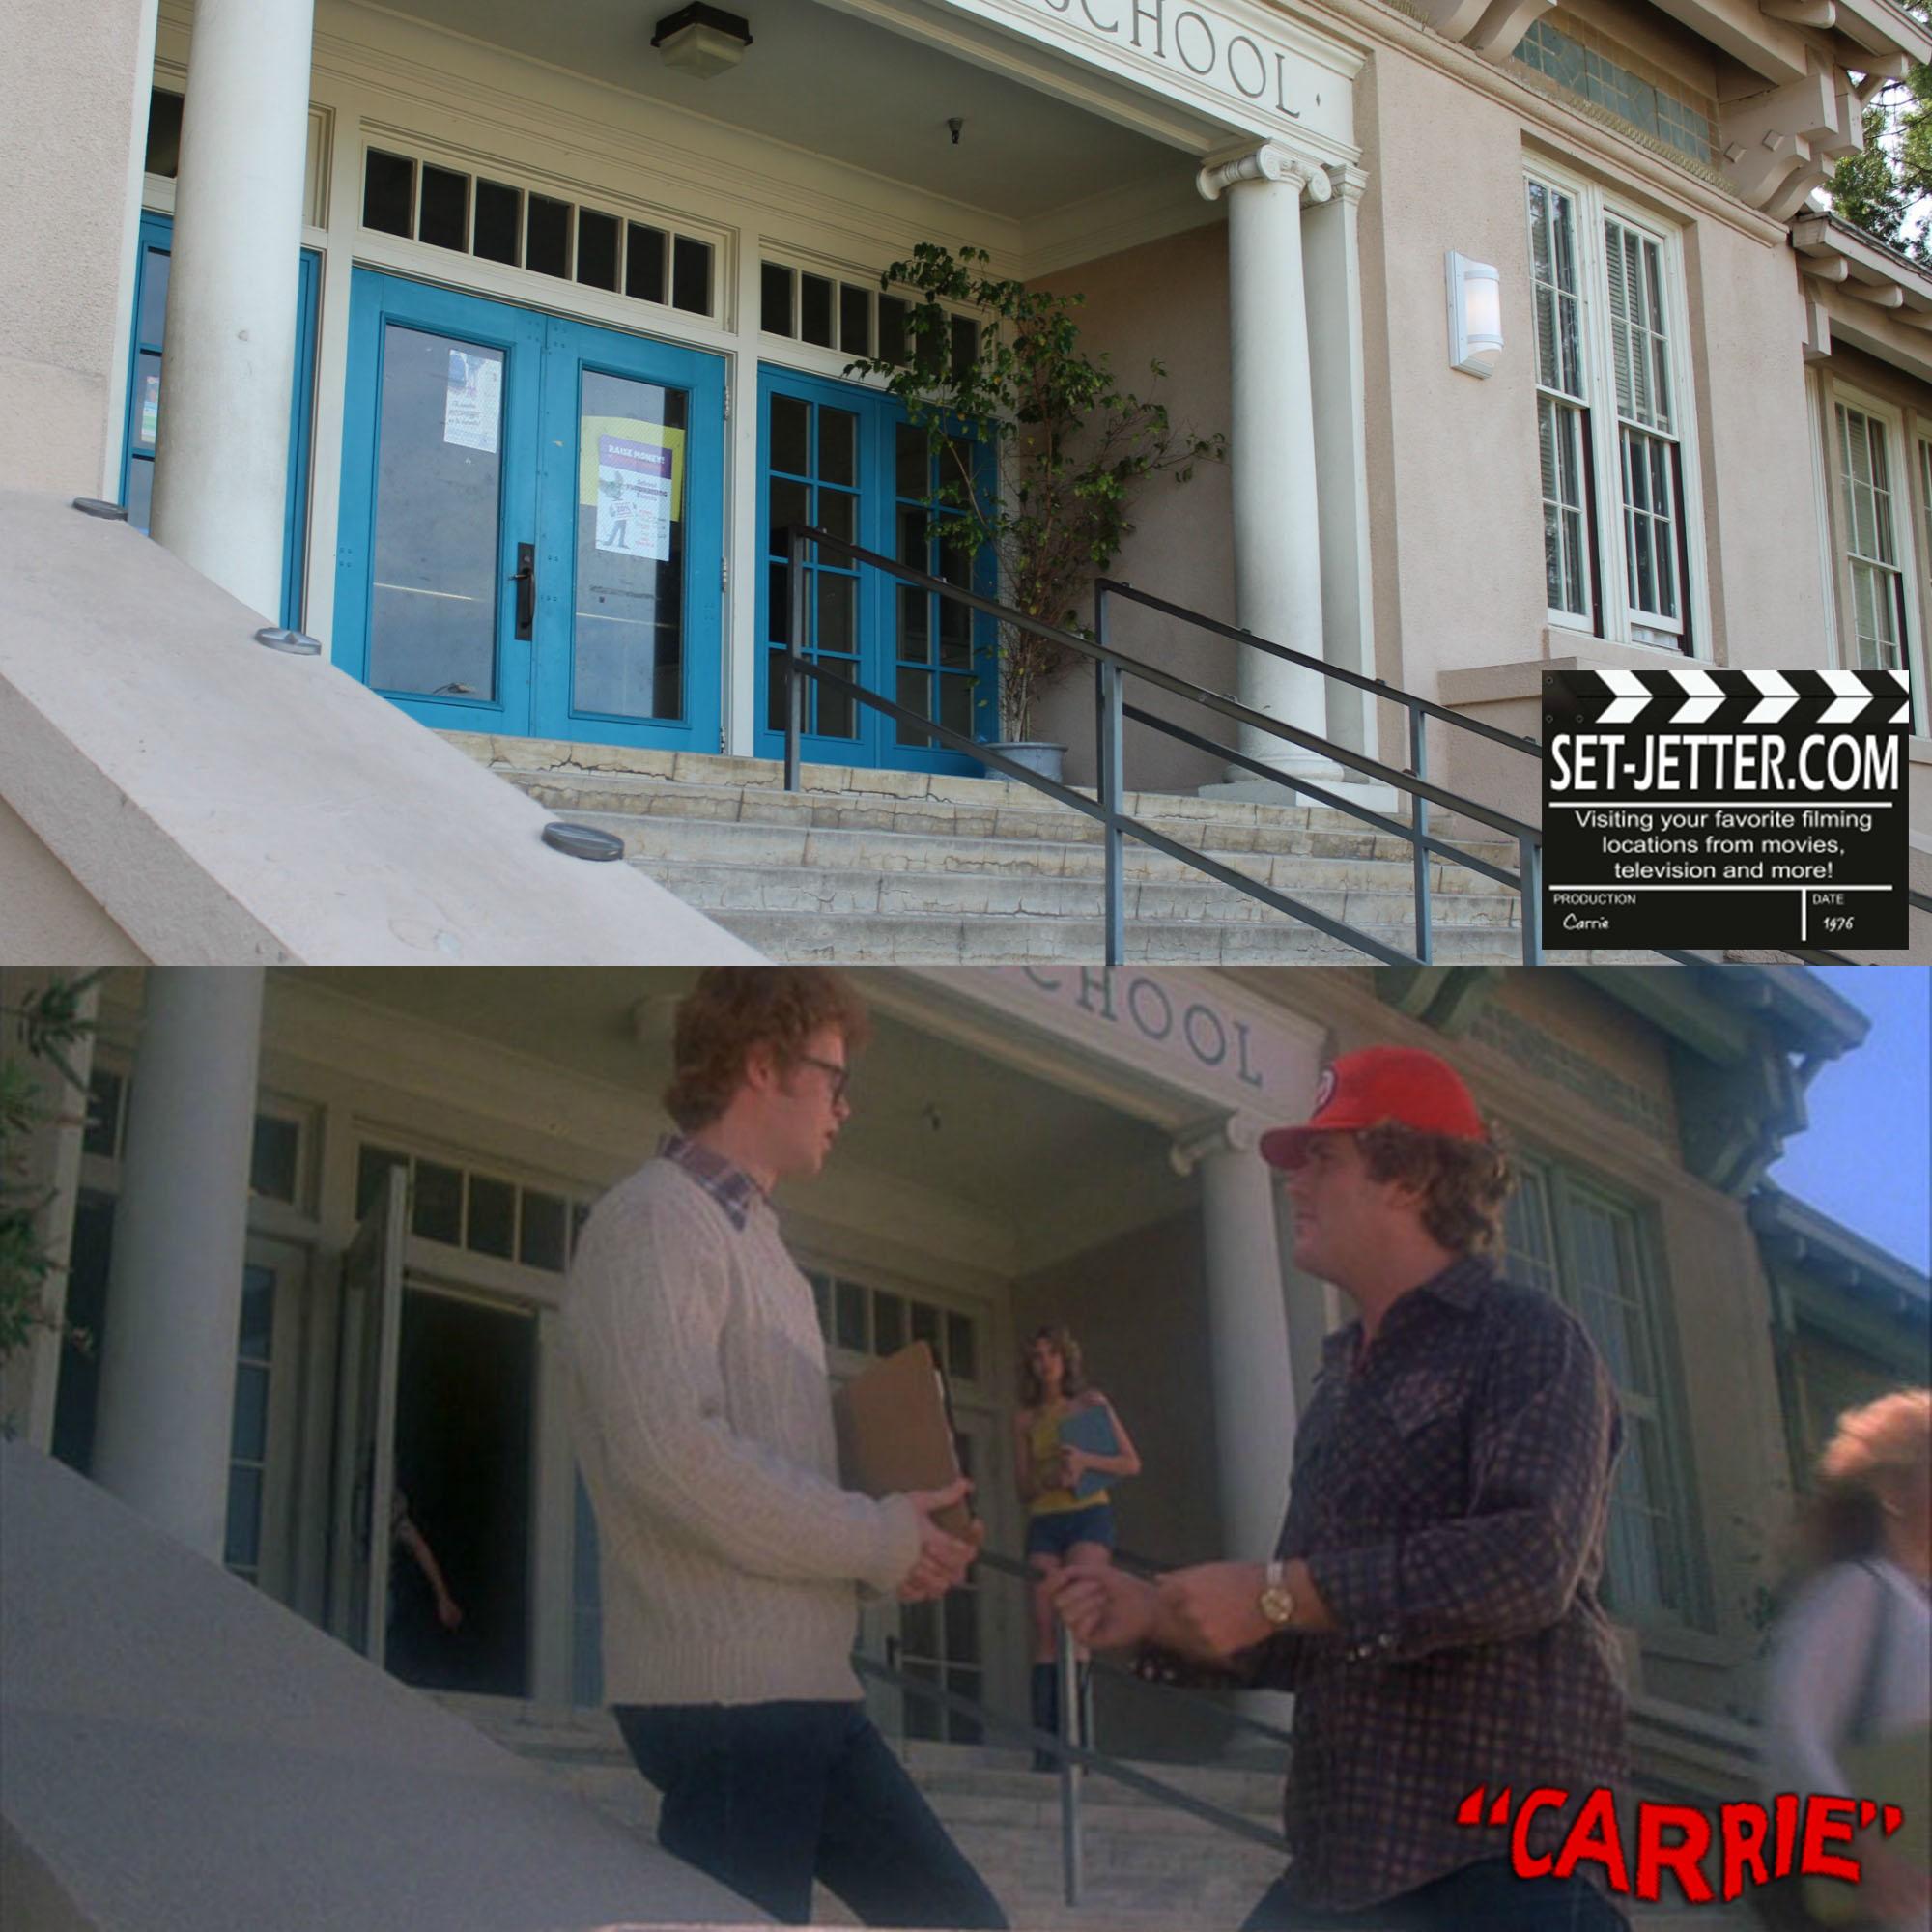 Carrie school 04.jpg